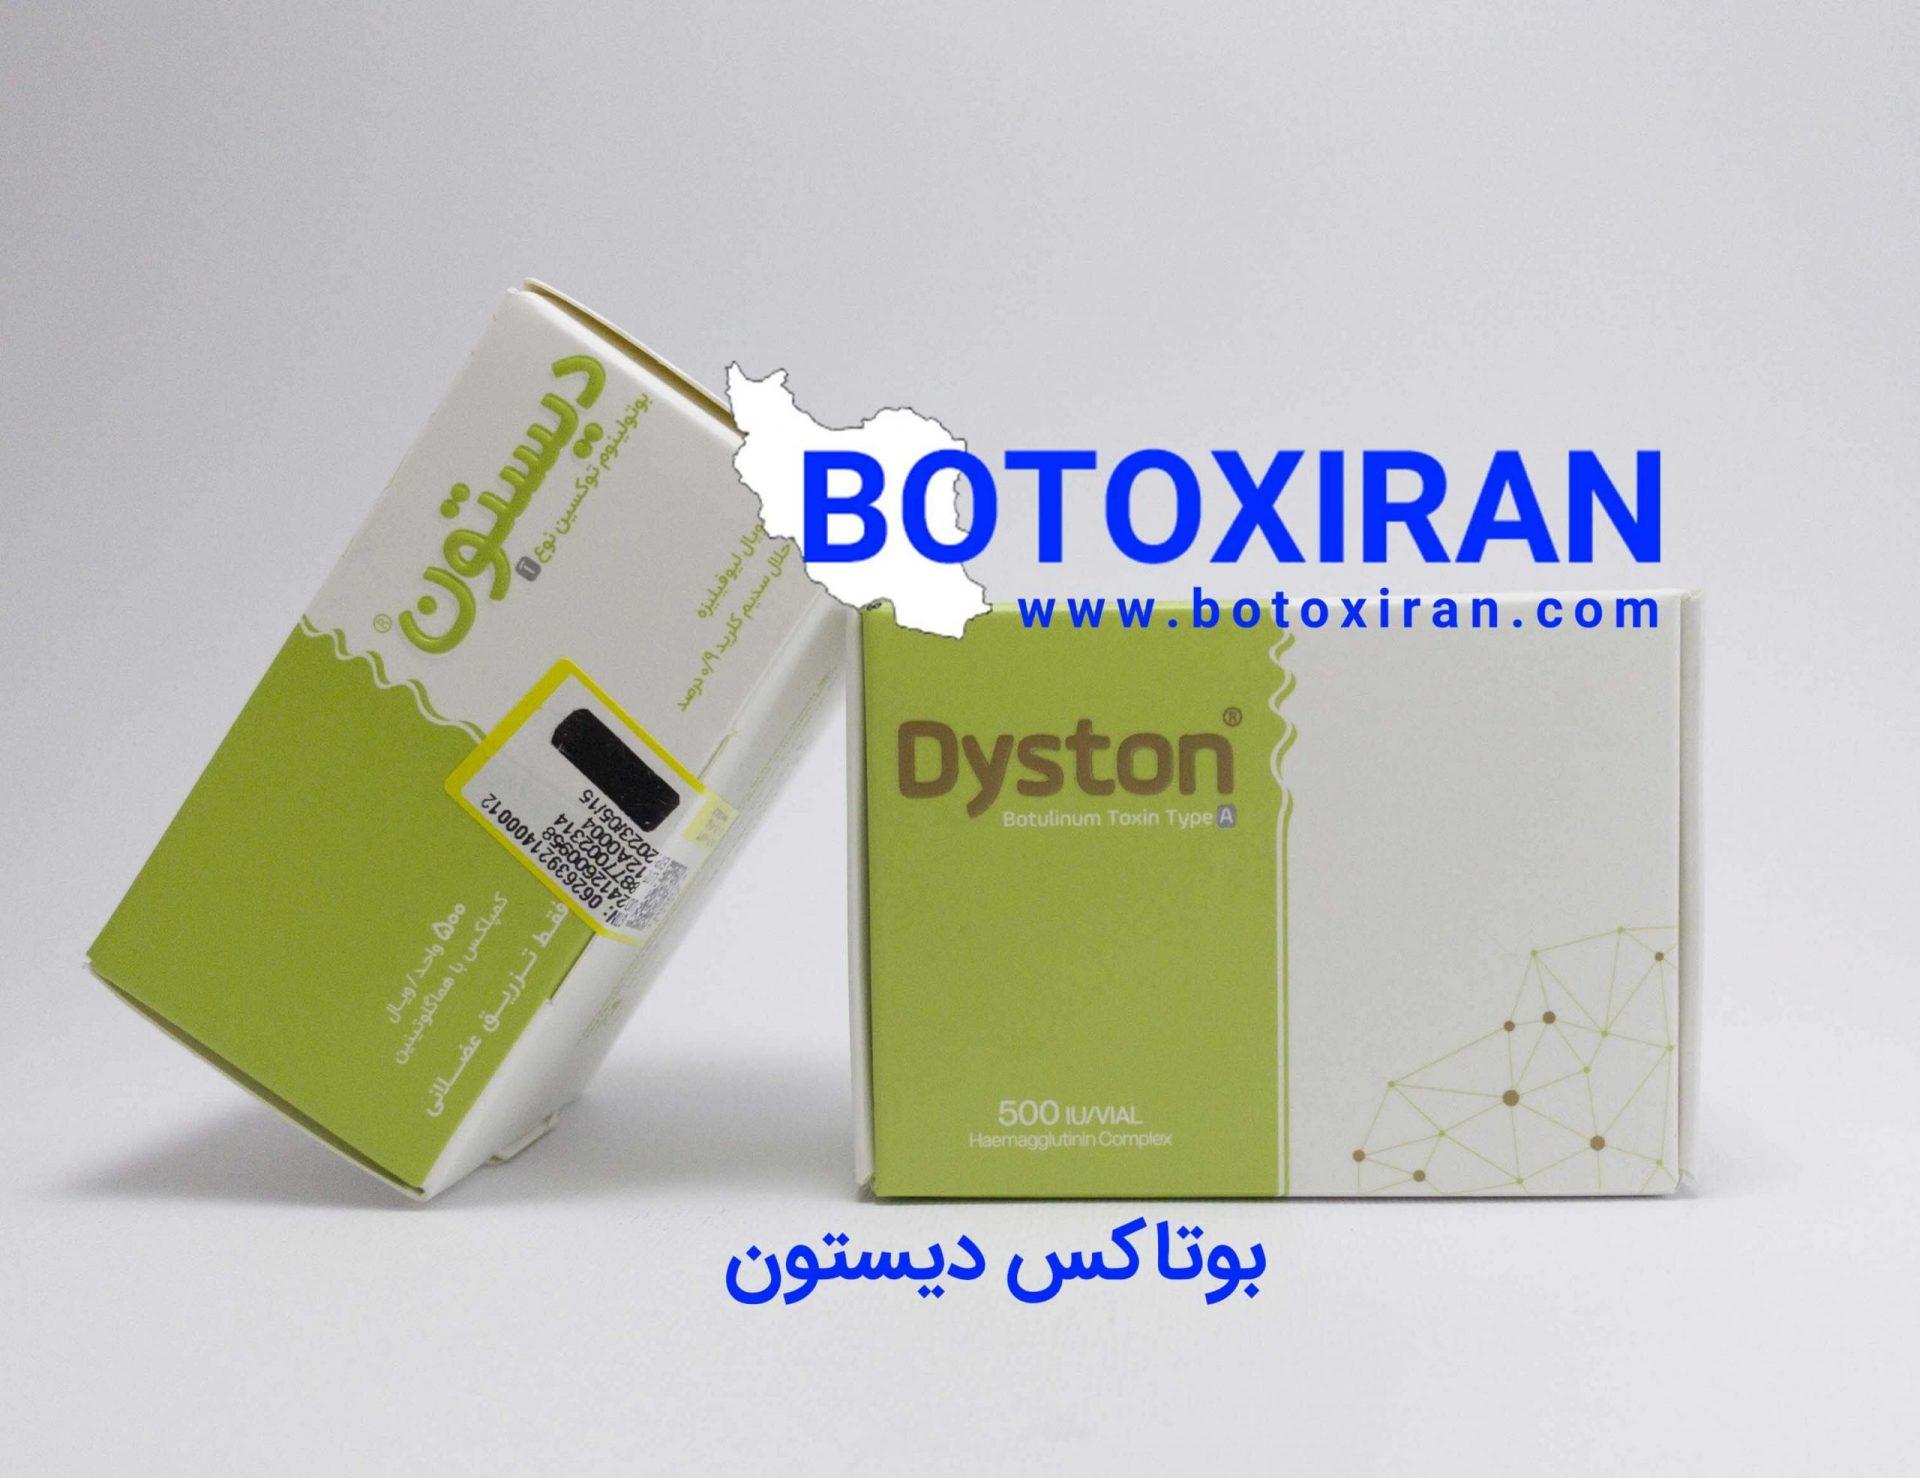 dyston02 scaled - دیستون Dyston